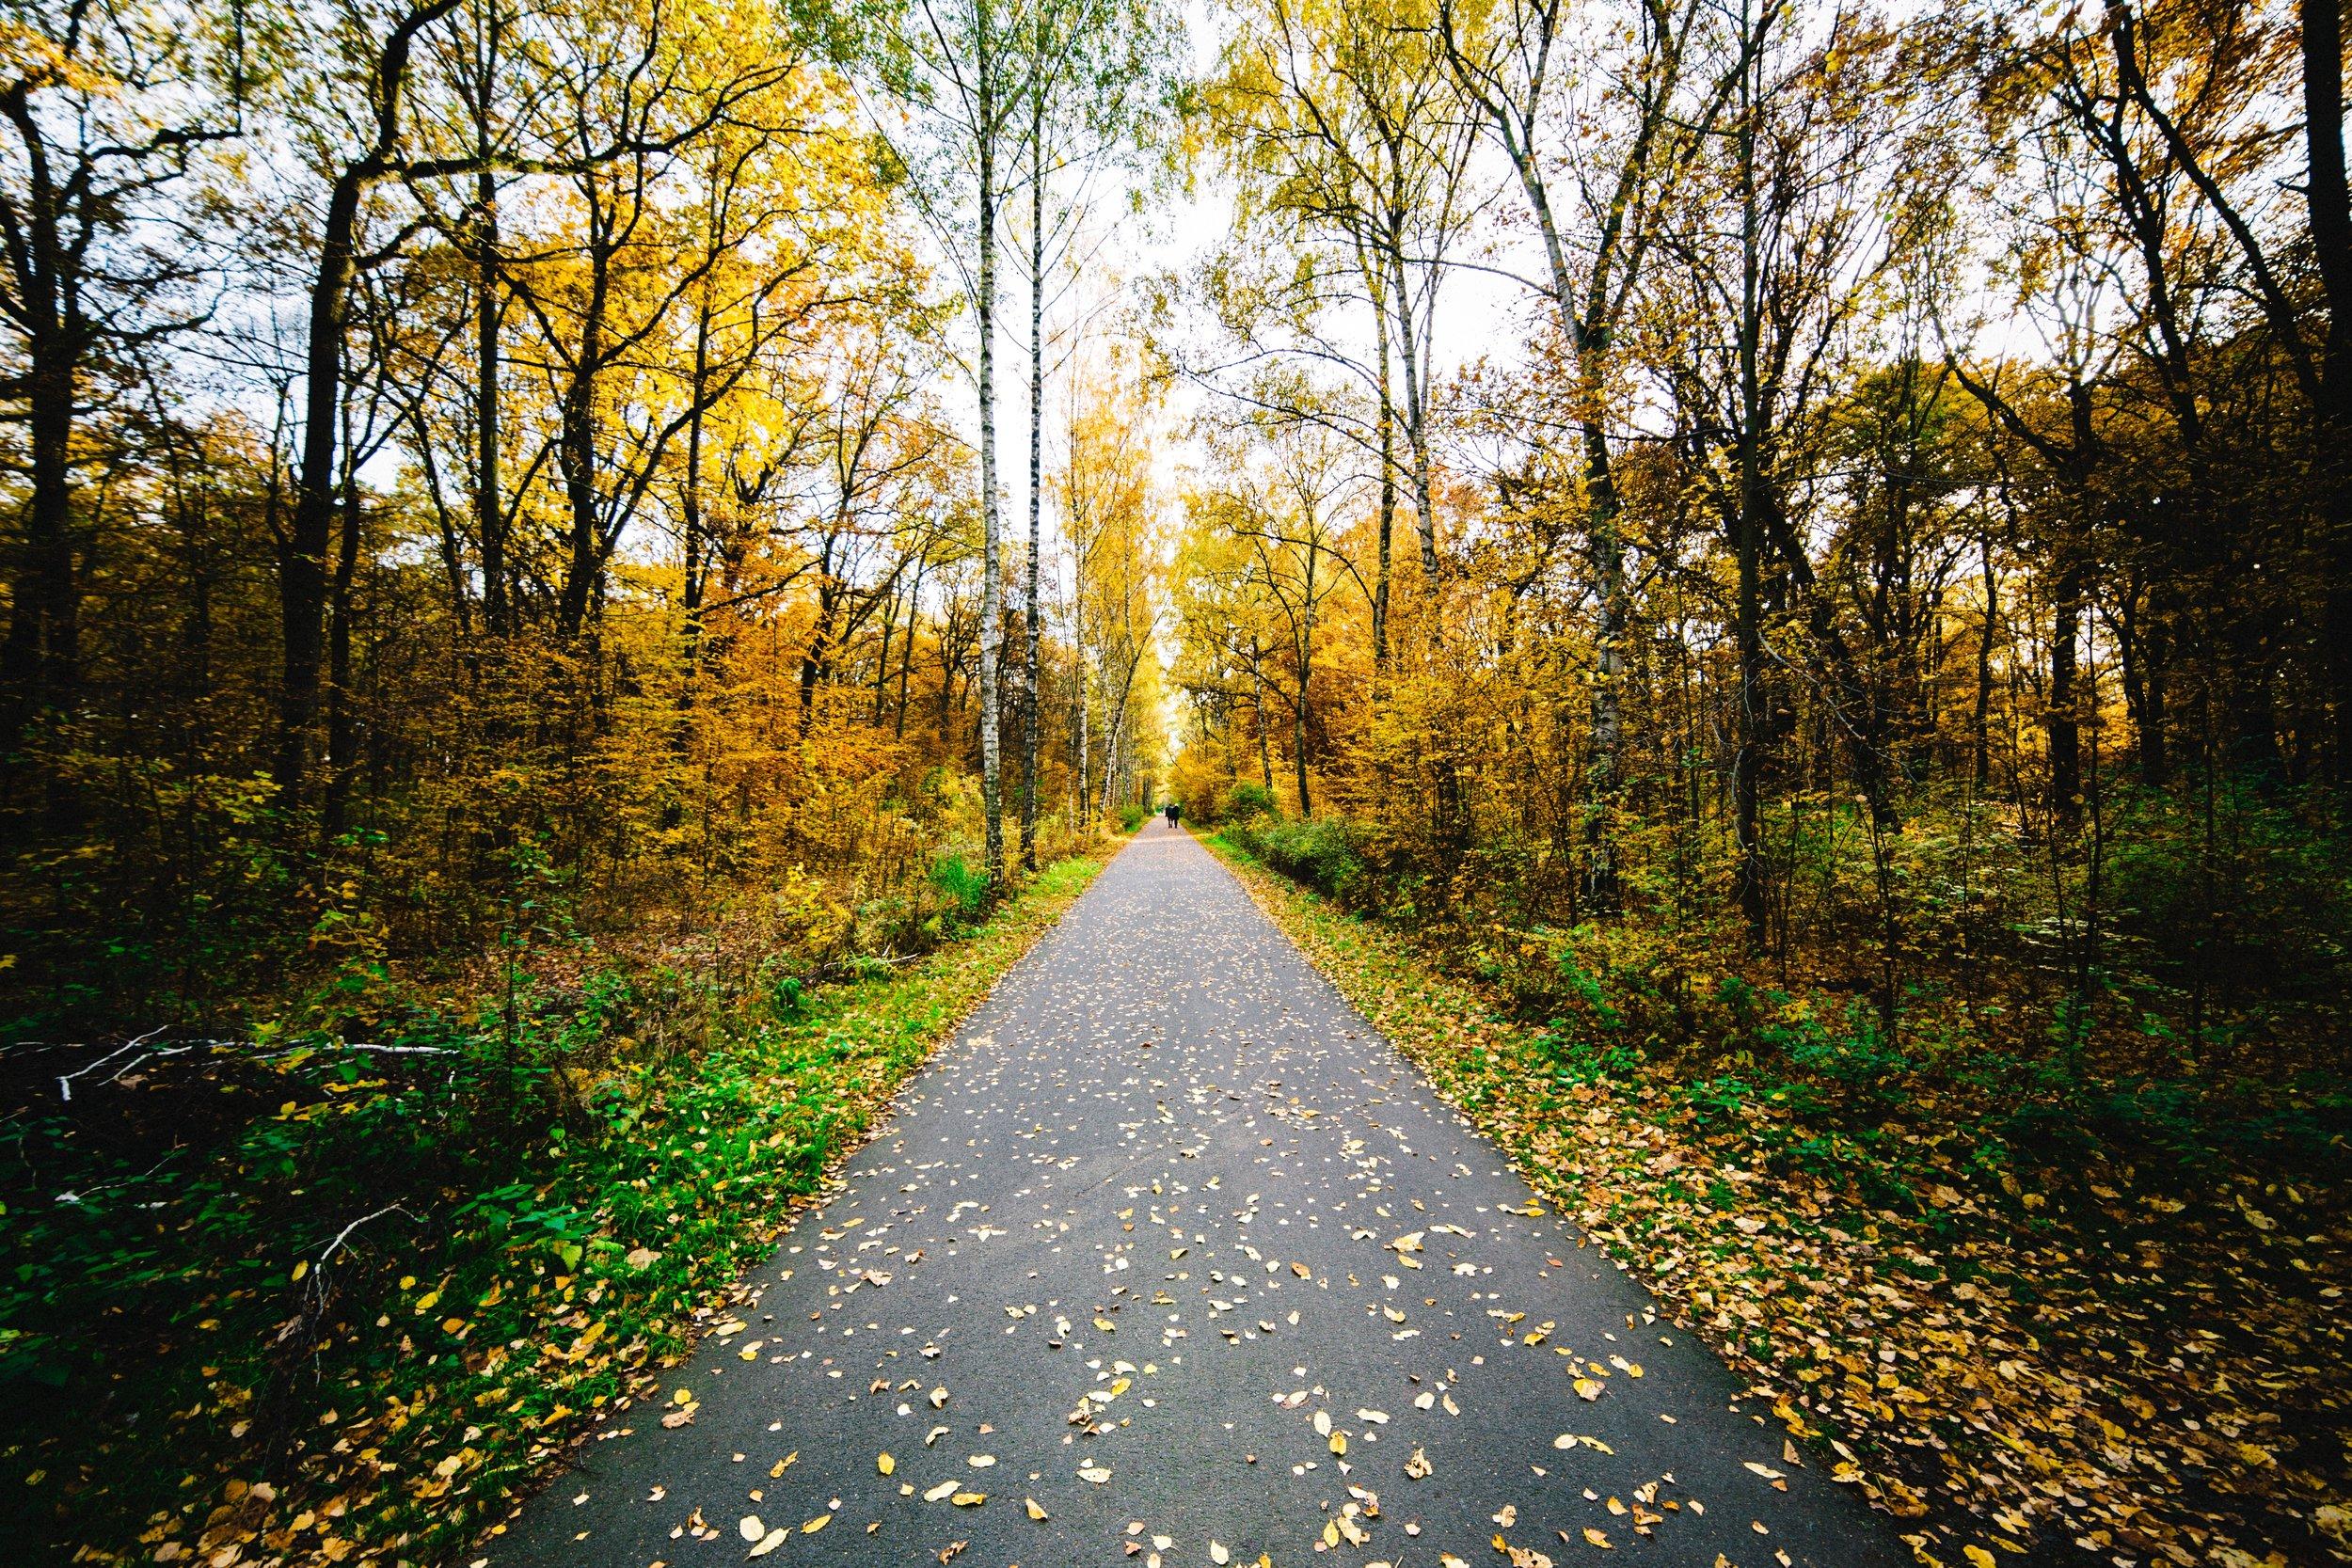 Preferred path -